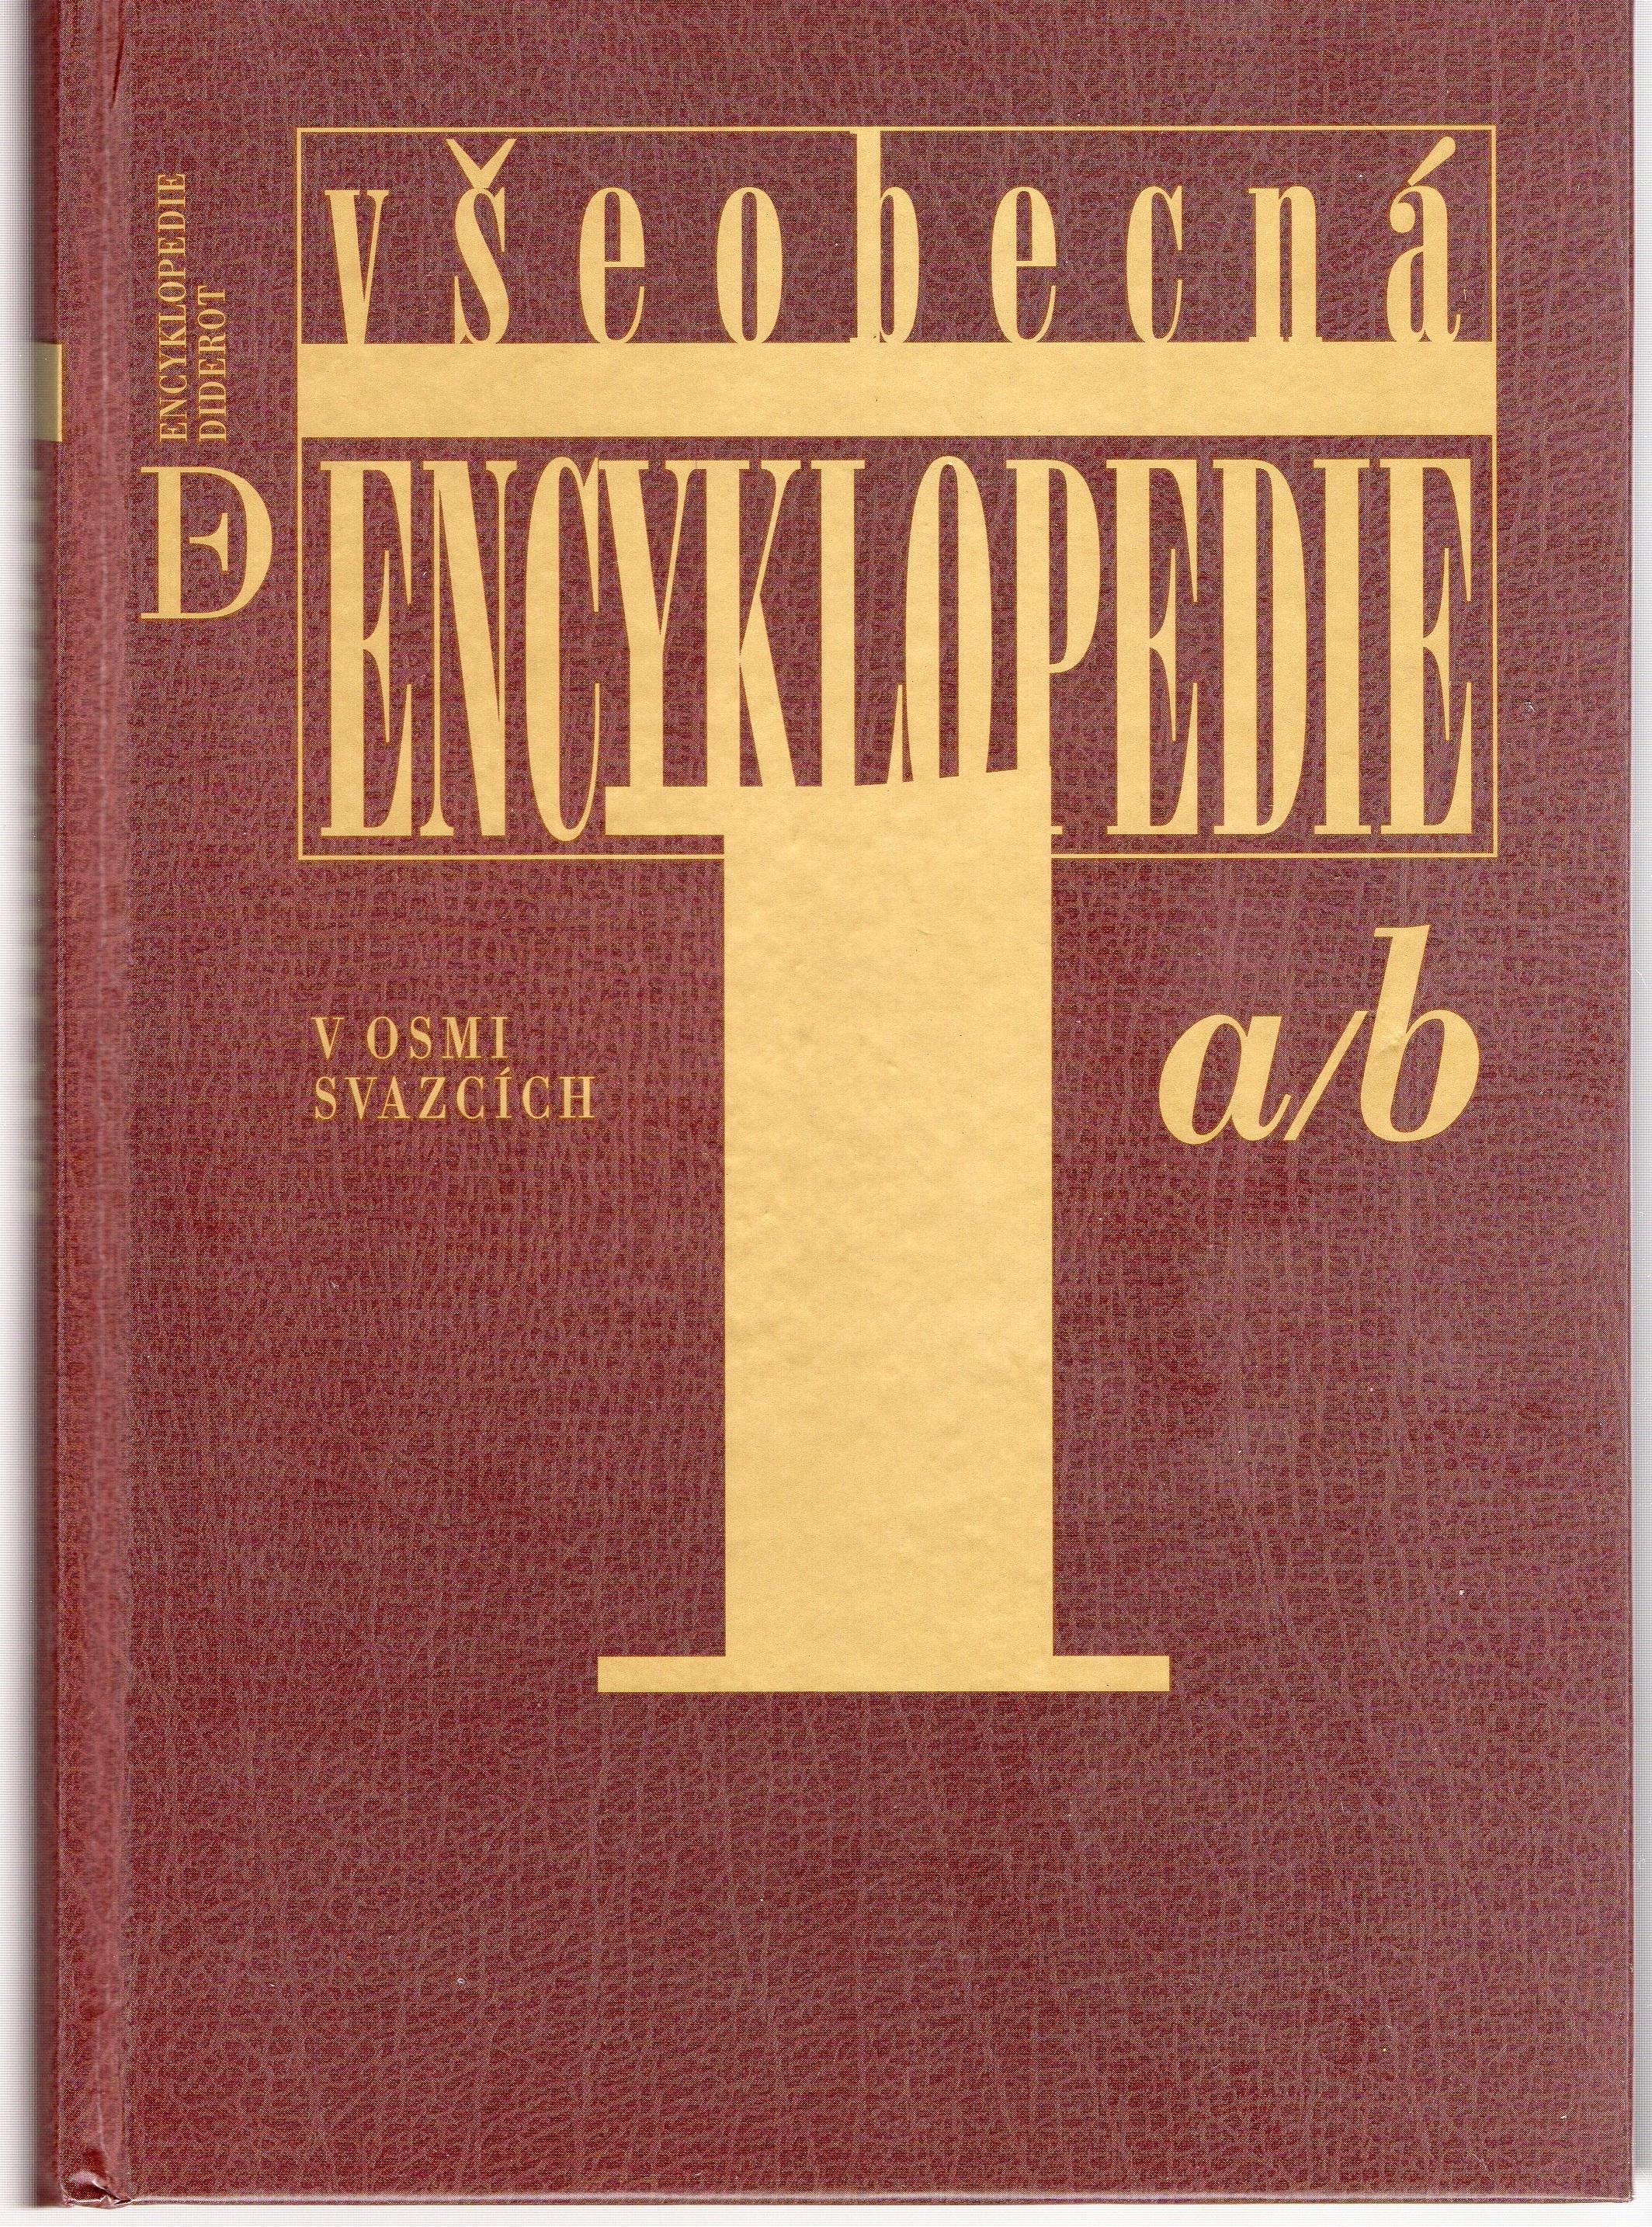 Všeobecná encyklopedie I.-VIII. svazek - kolektiv autorů